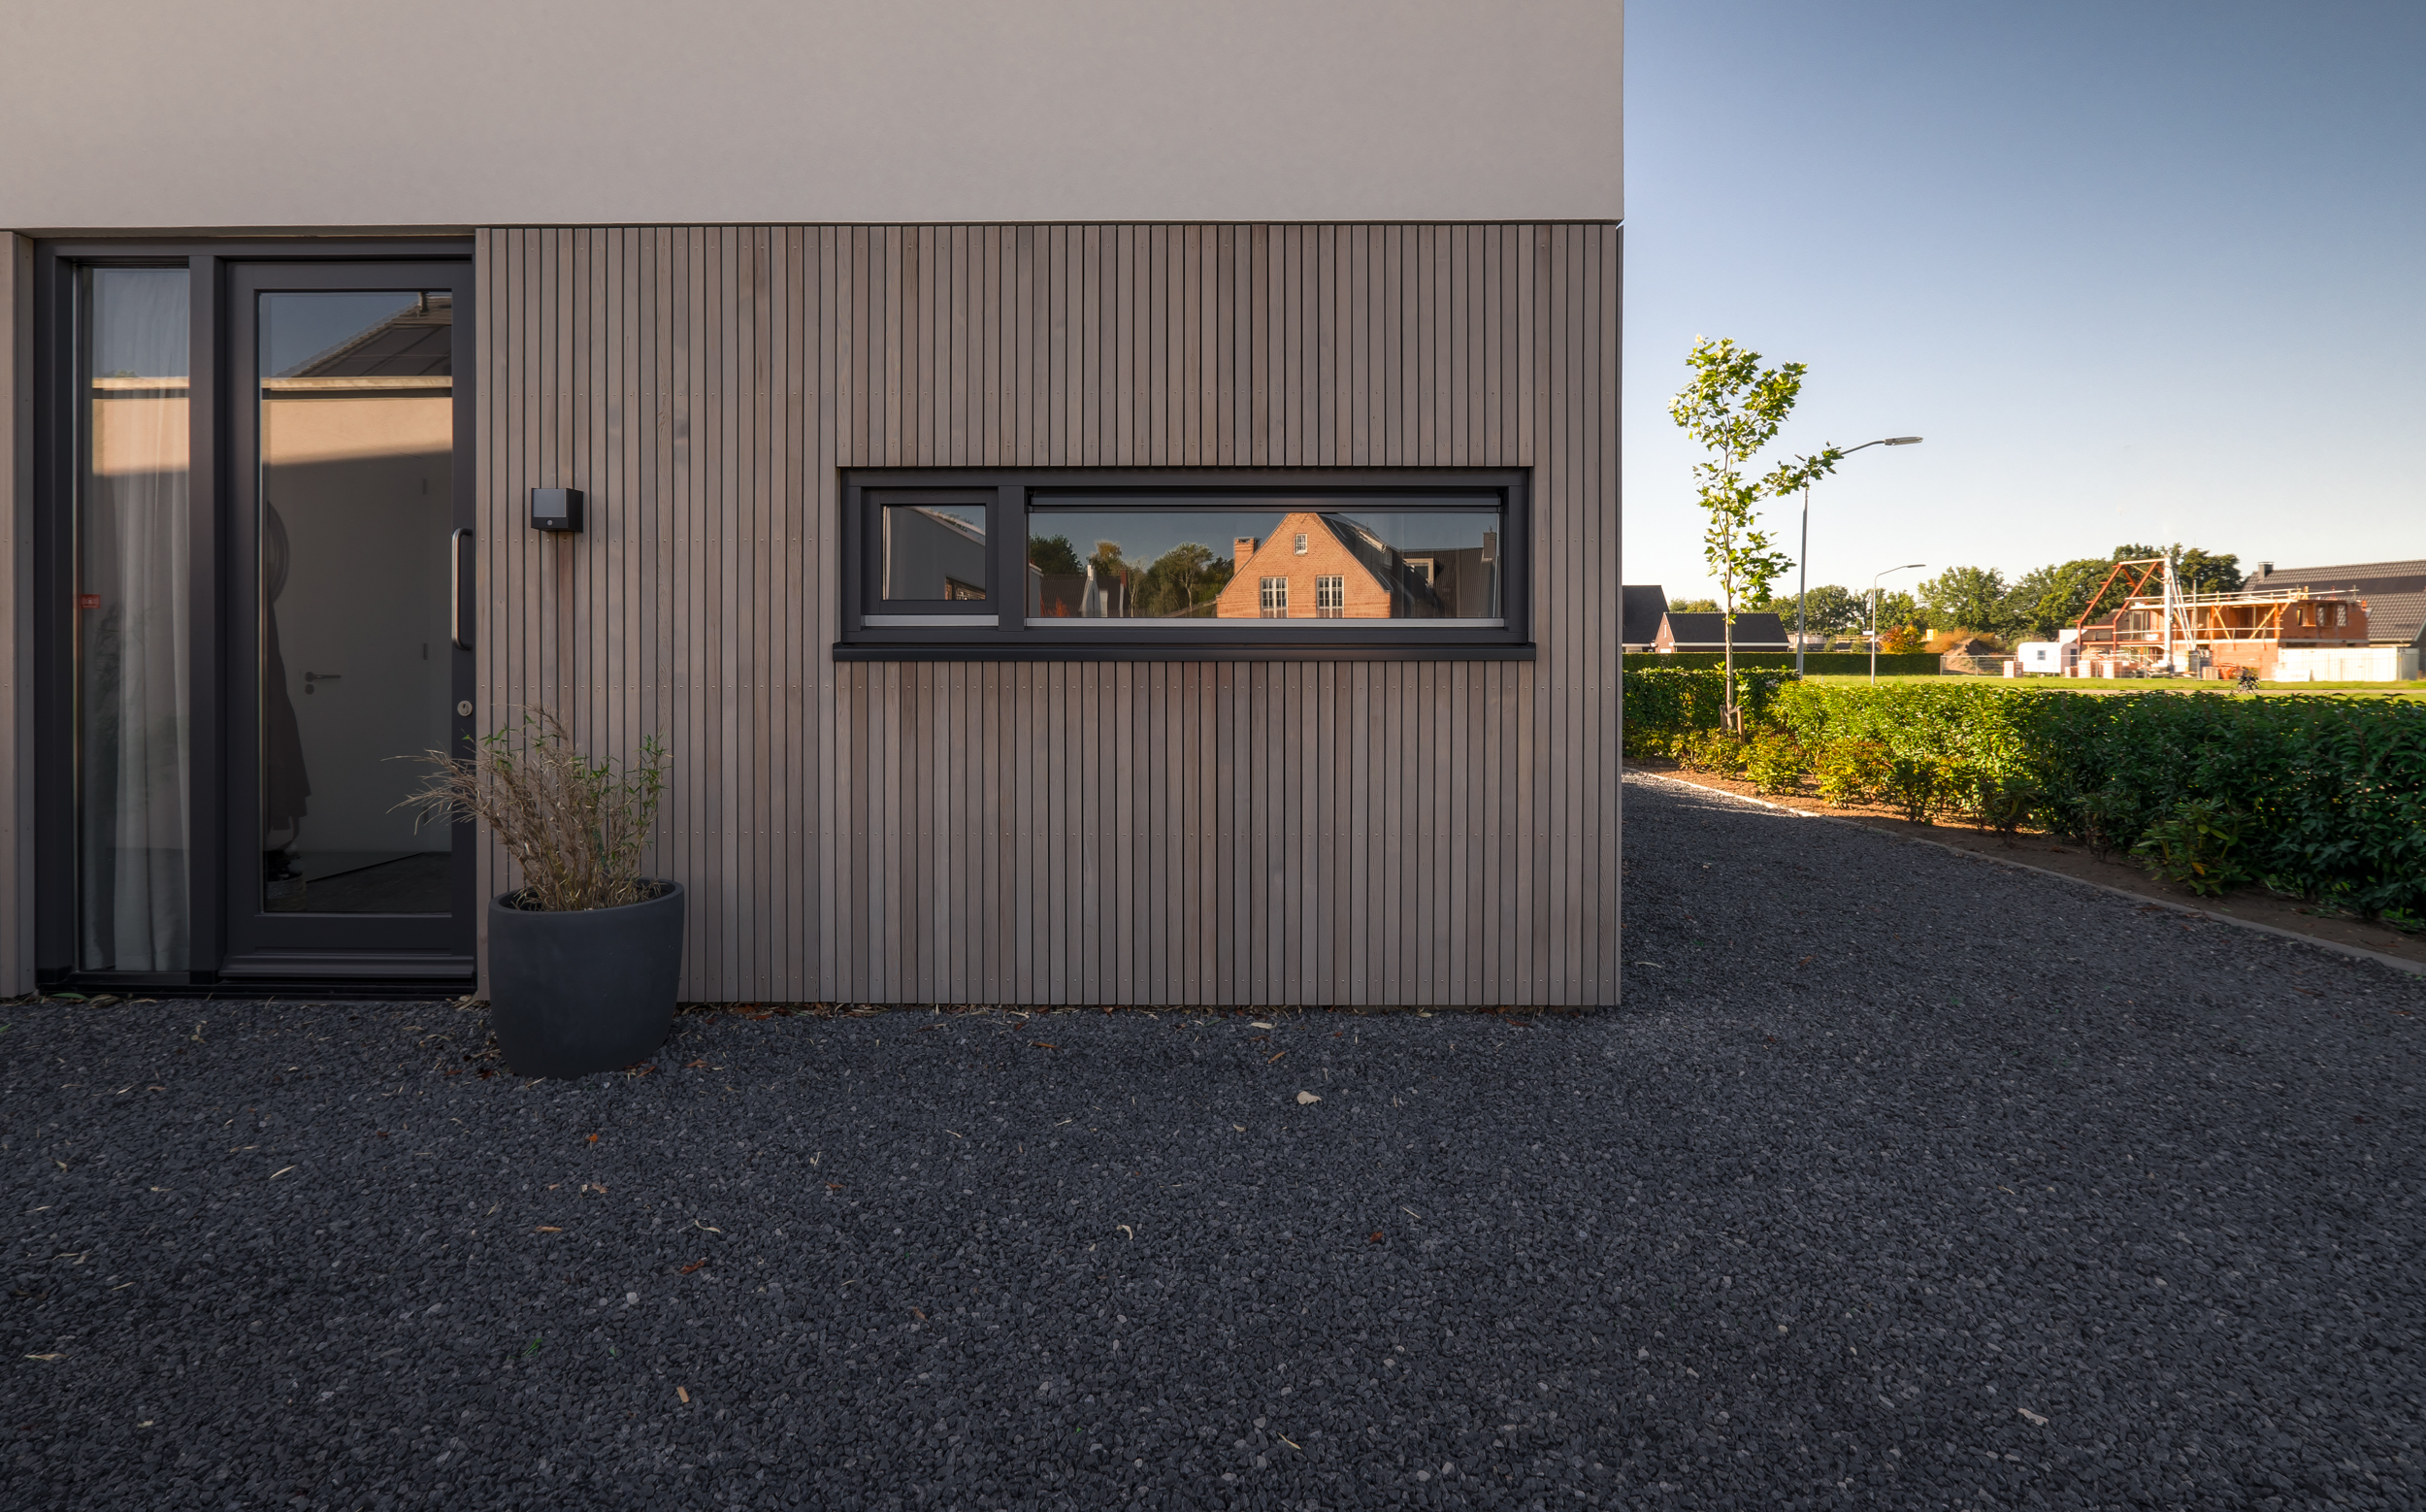 van-os-architecten-nieuwbouw-woning-Hoge-Gouw-Teteringen-detail-kozijn-in-houten-gevelbekleding